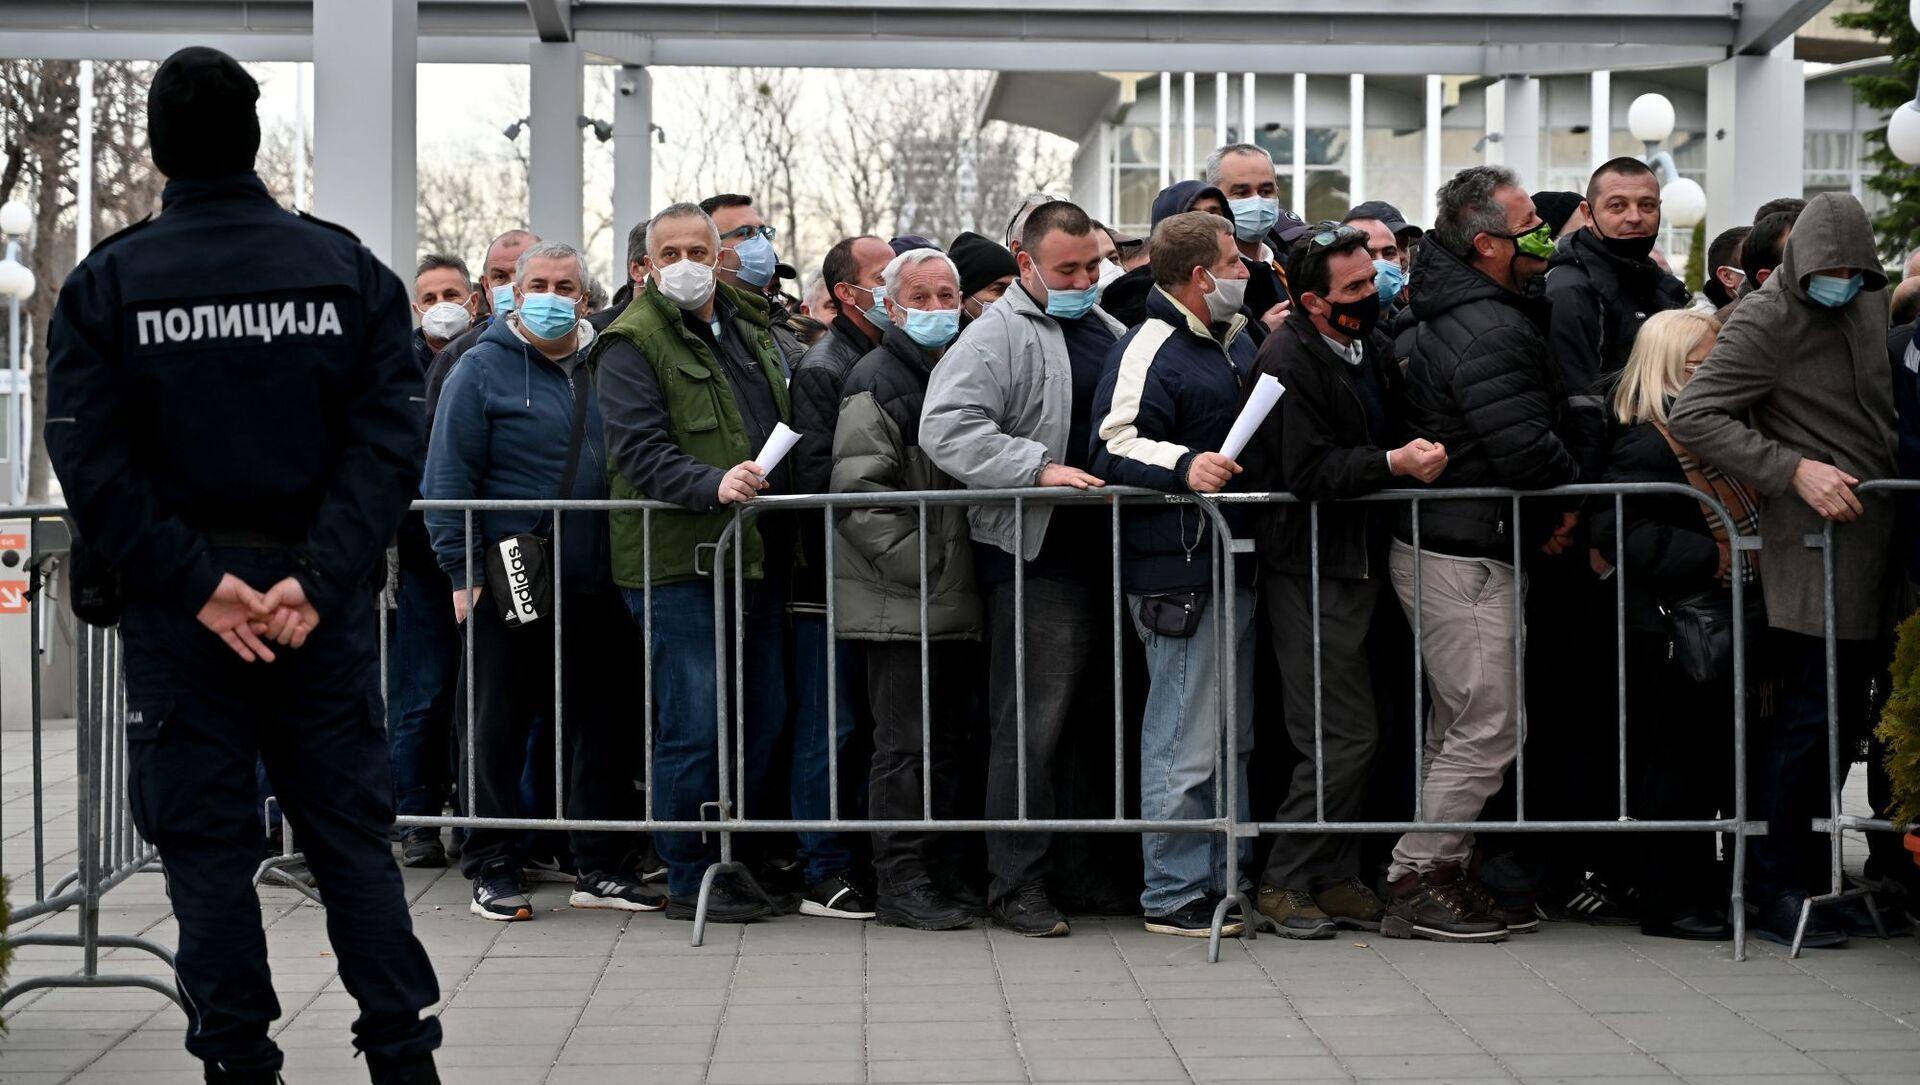 Люди выстраиваются в очередь, чтобы получить вакцину от Covid-19 в Белграде, Сербия - Sputnik Азербайджан, 1920, 28.02.2021